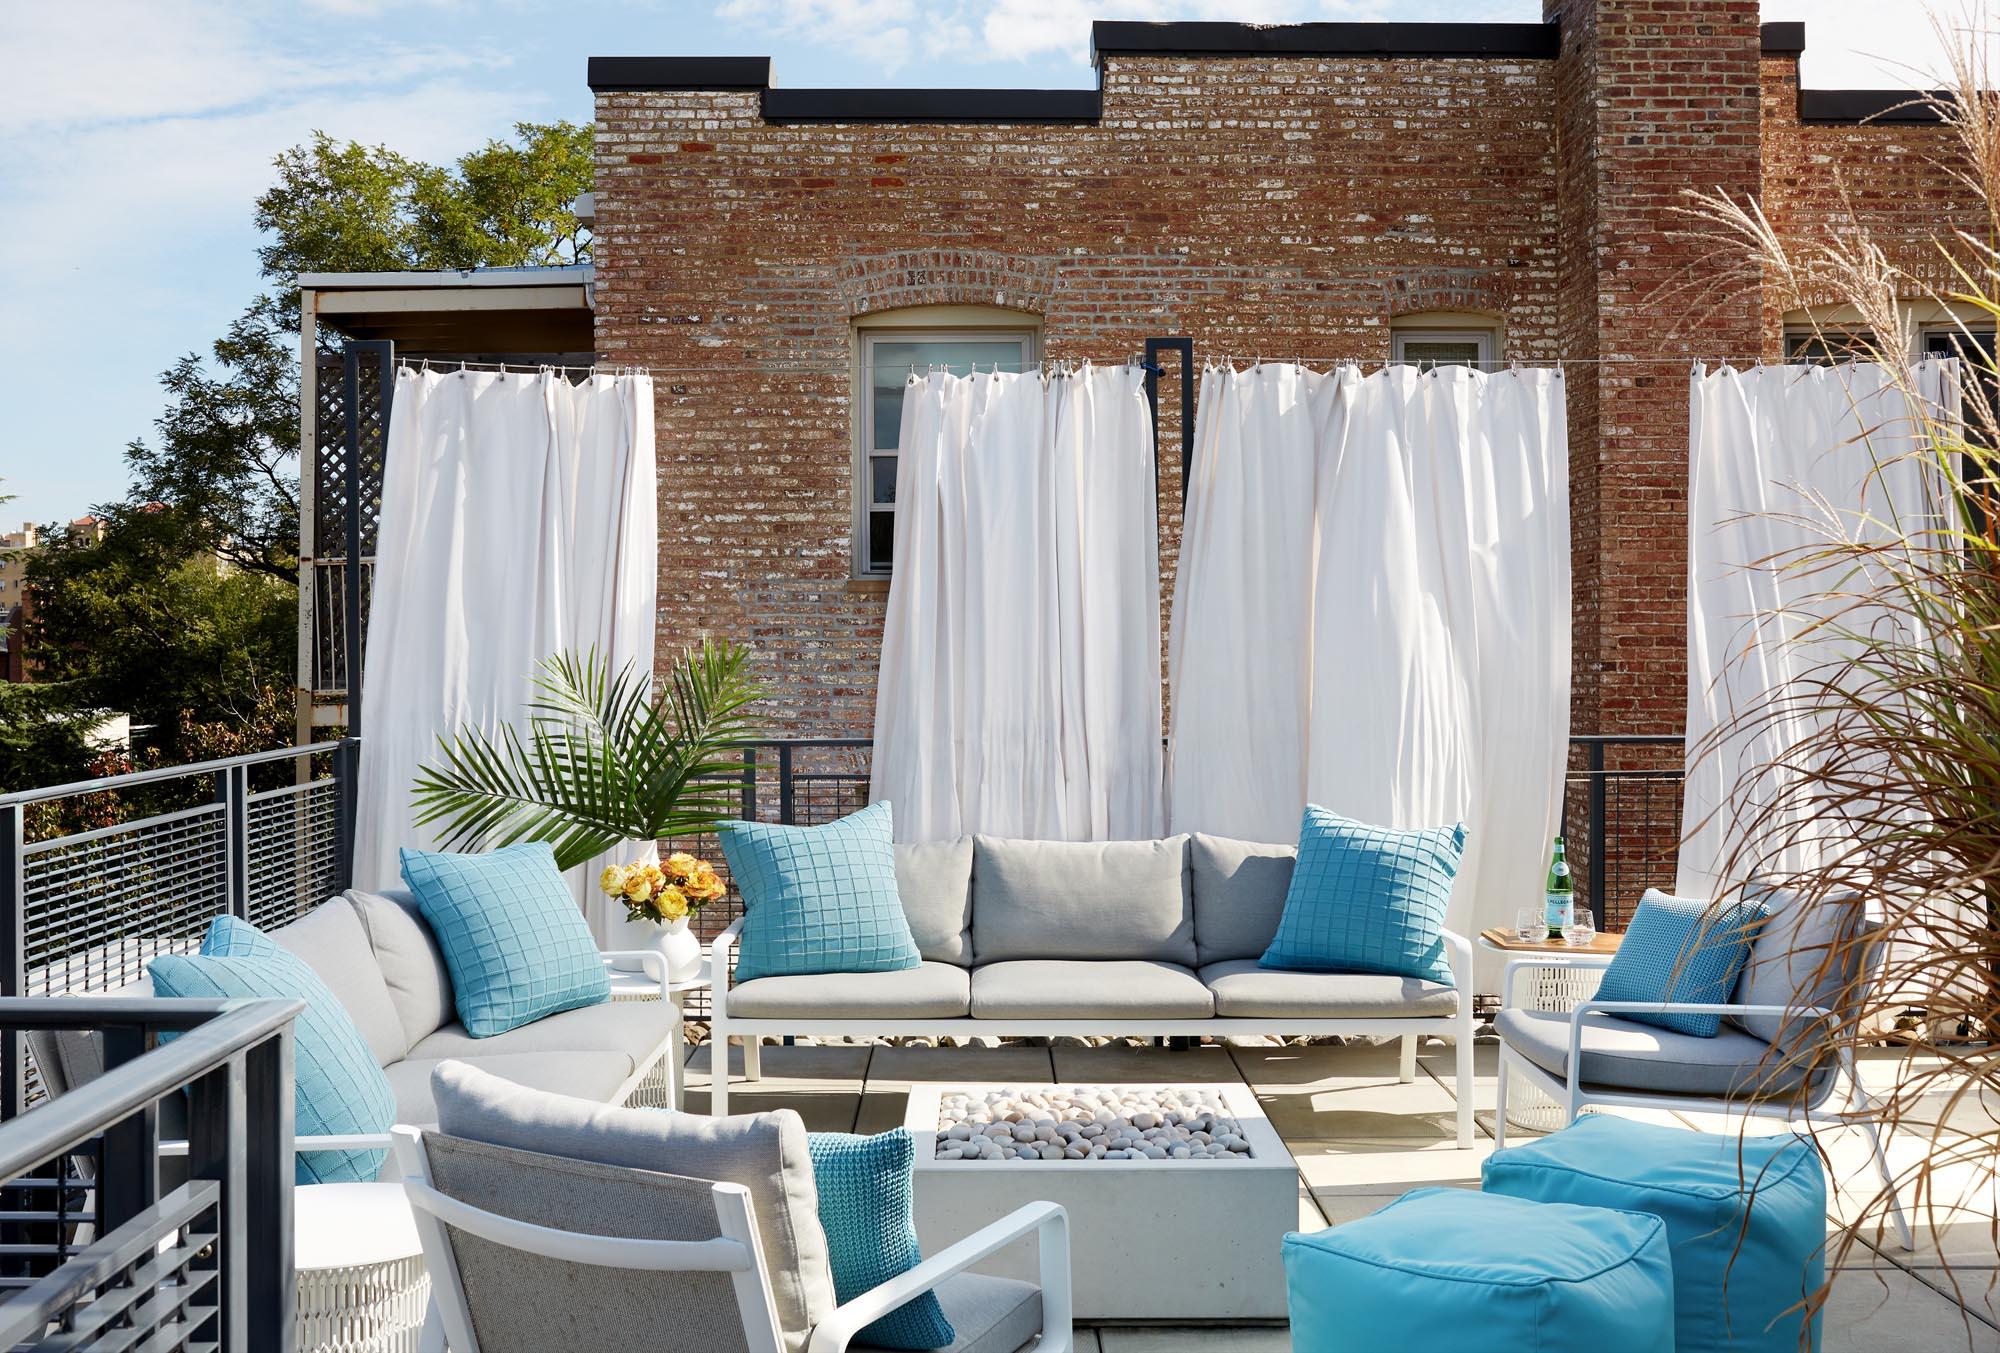 Boston patio interior design by Dane Austin Design